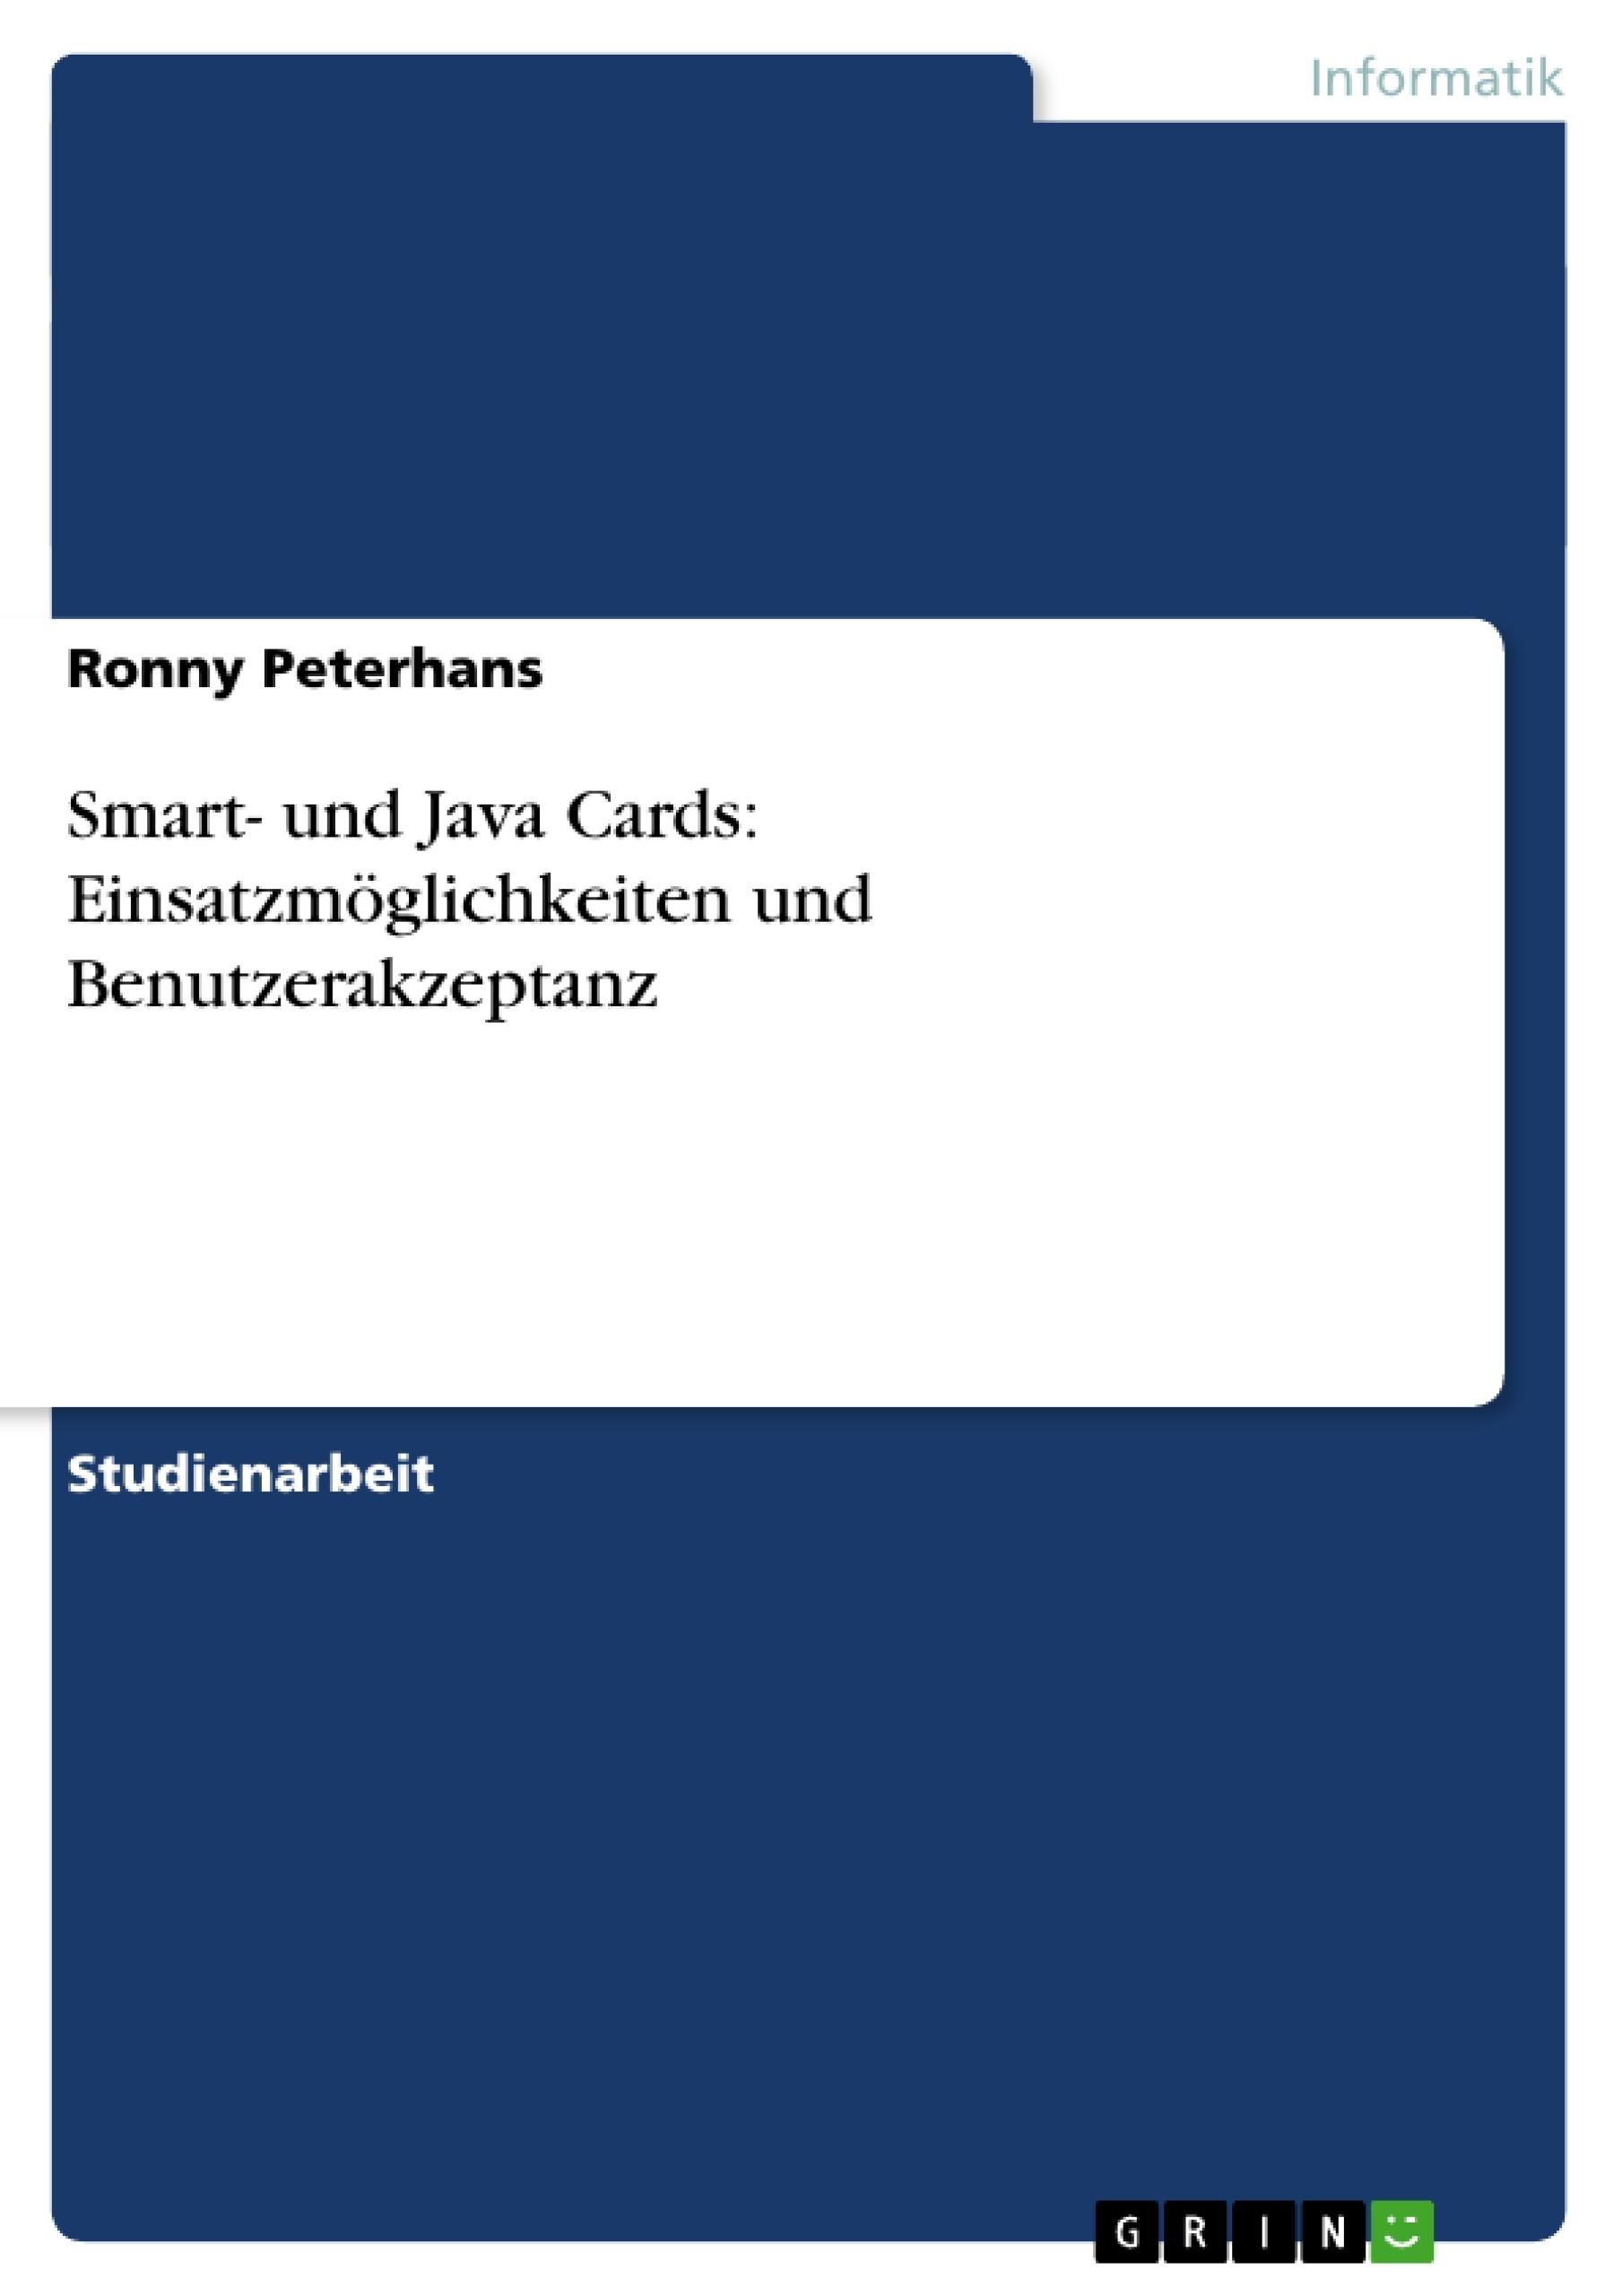 Titel: Smart- und Java Cards: Einsatzmöglichkeiten und Benutzerakzeptanz